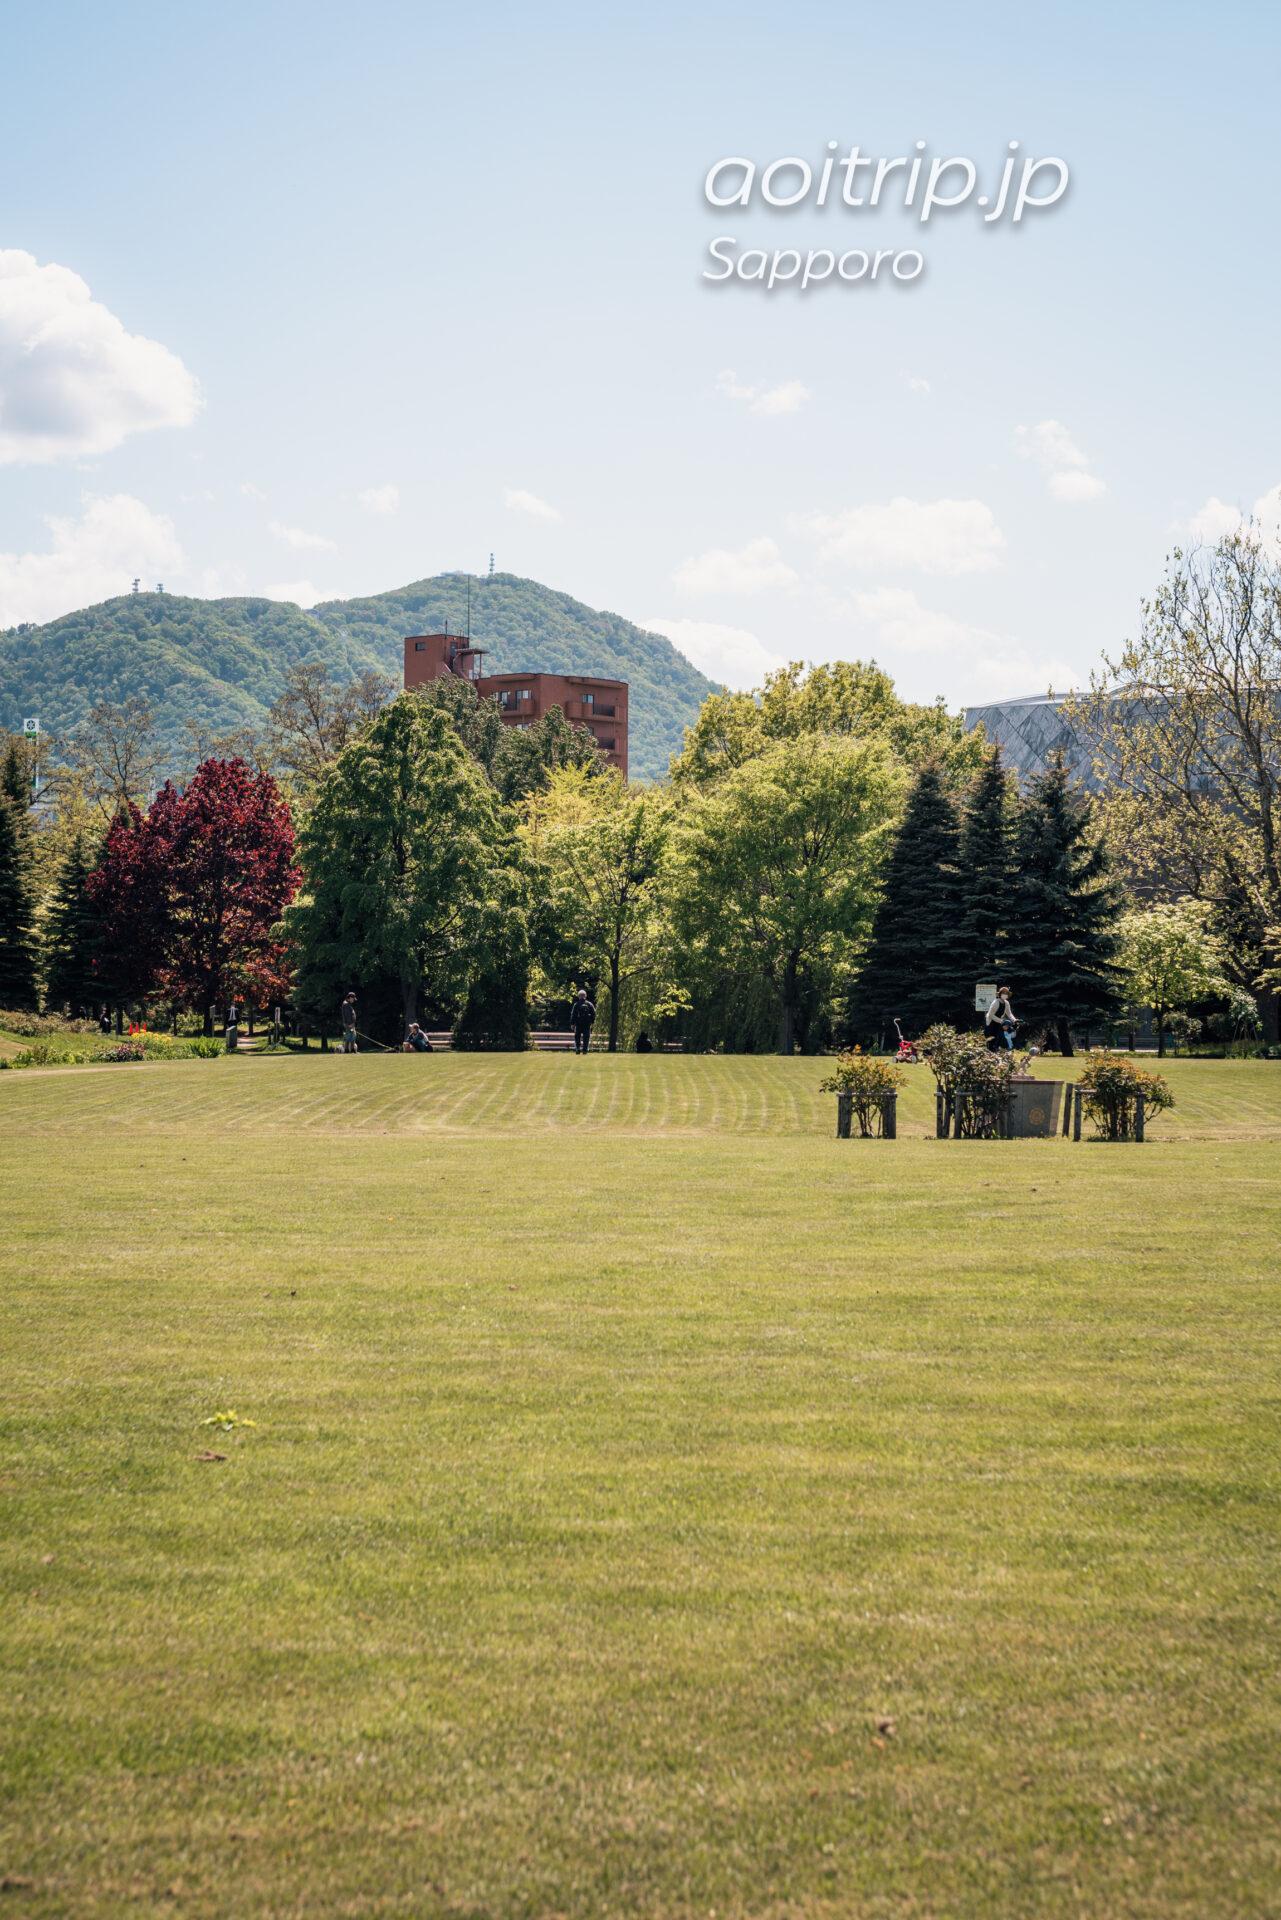 中島公園から望む藻岩山